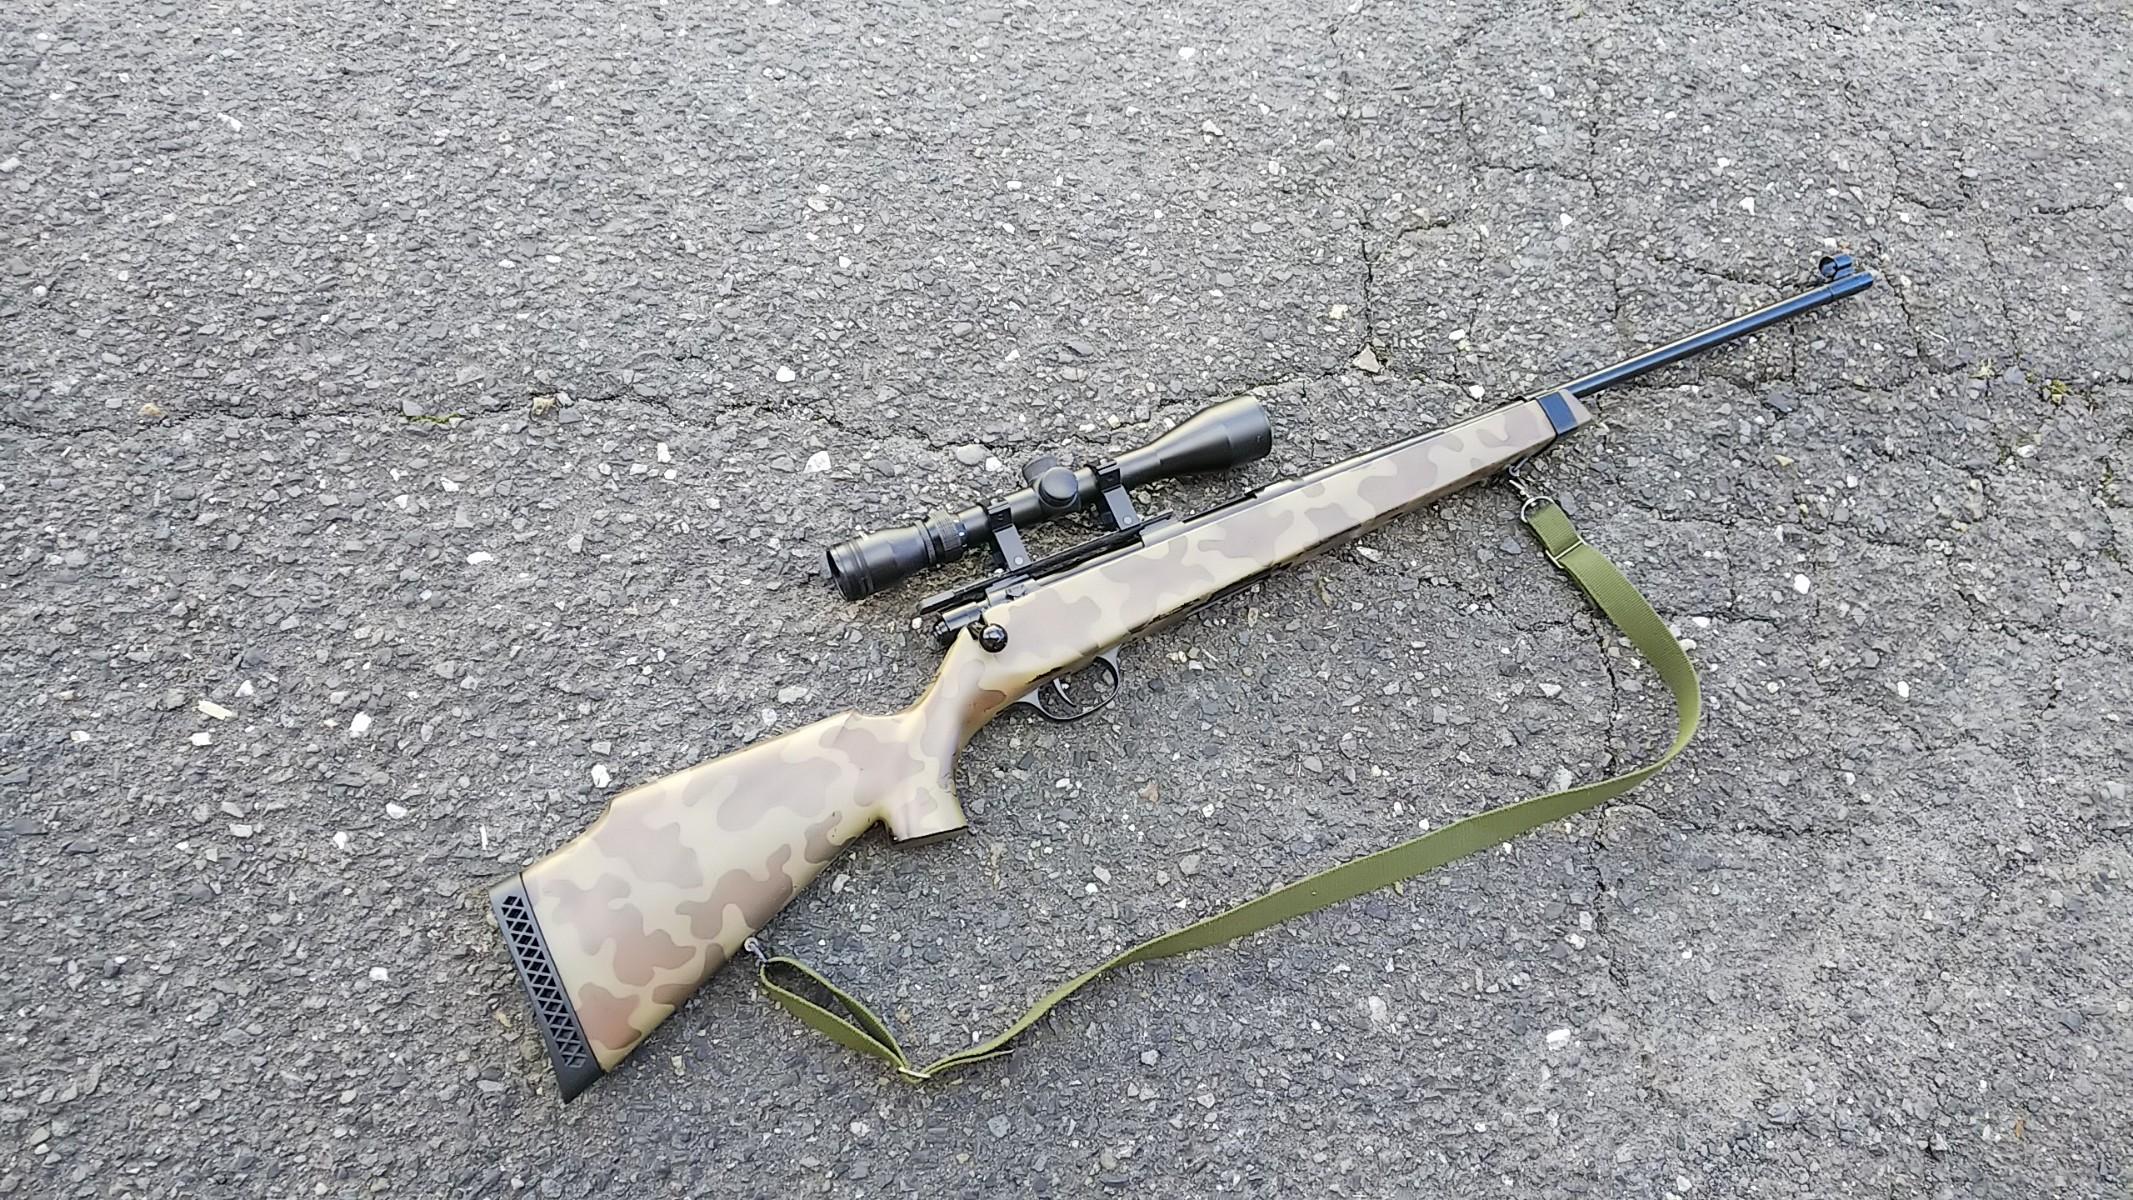 スナイパーライフルについて。狙撃銃として必要な条件は?